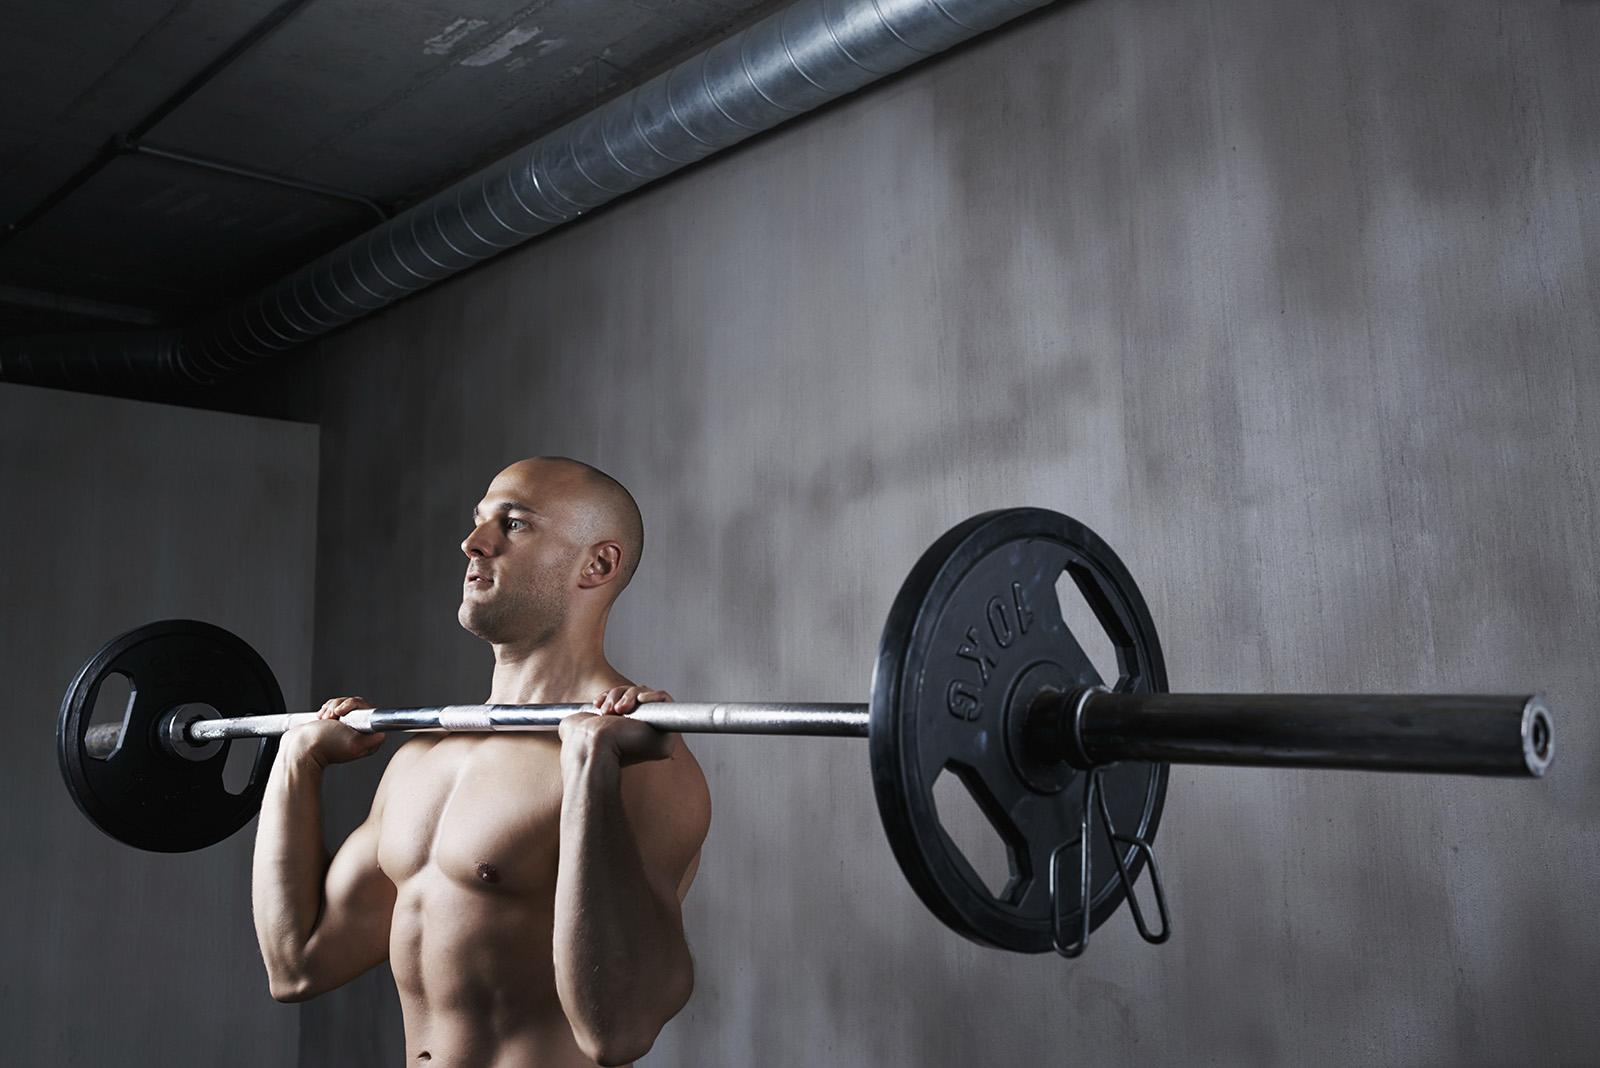 Vegane Ernährung im (Profi-)Sport – Doku über vegane Sportler